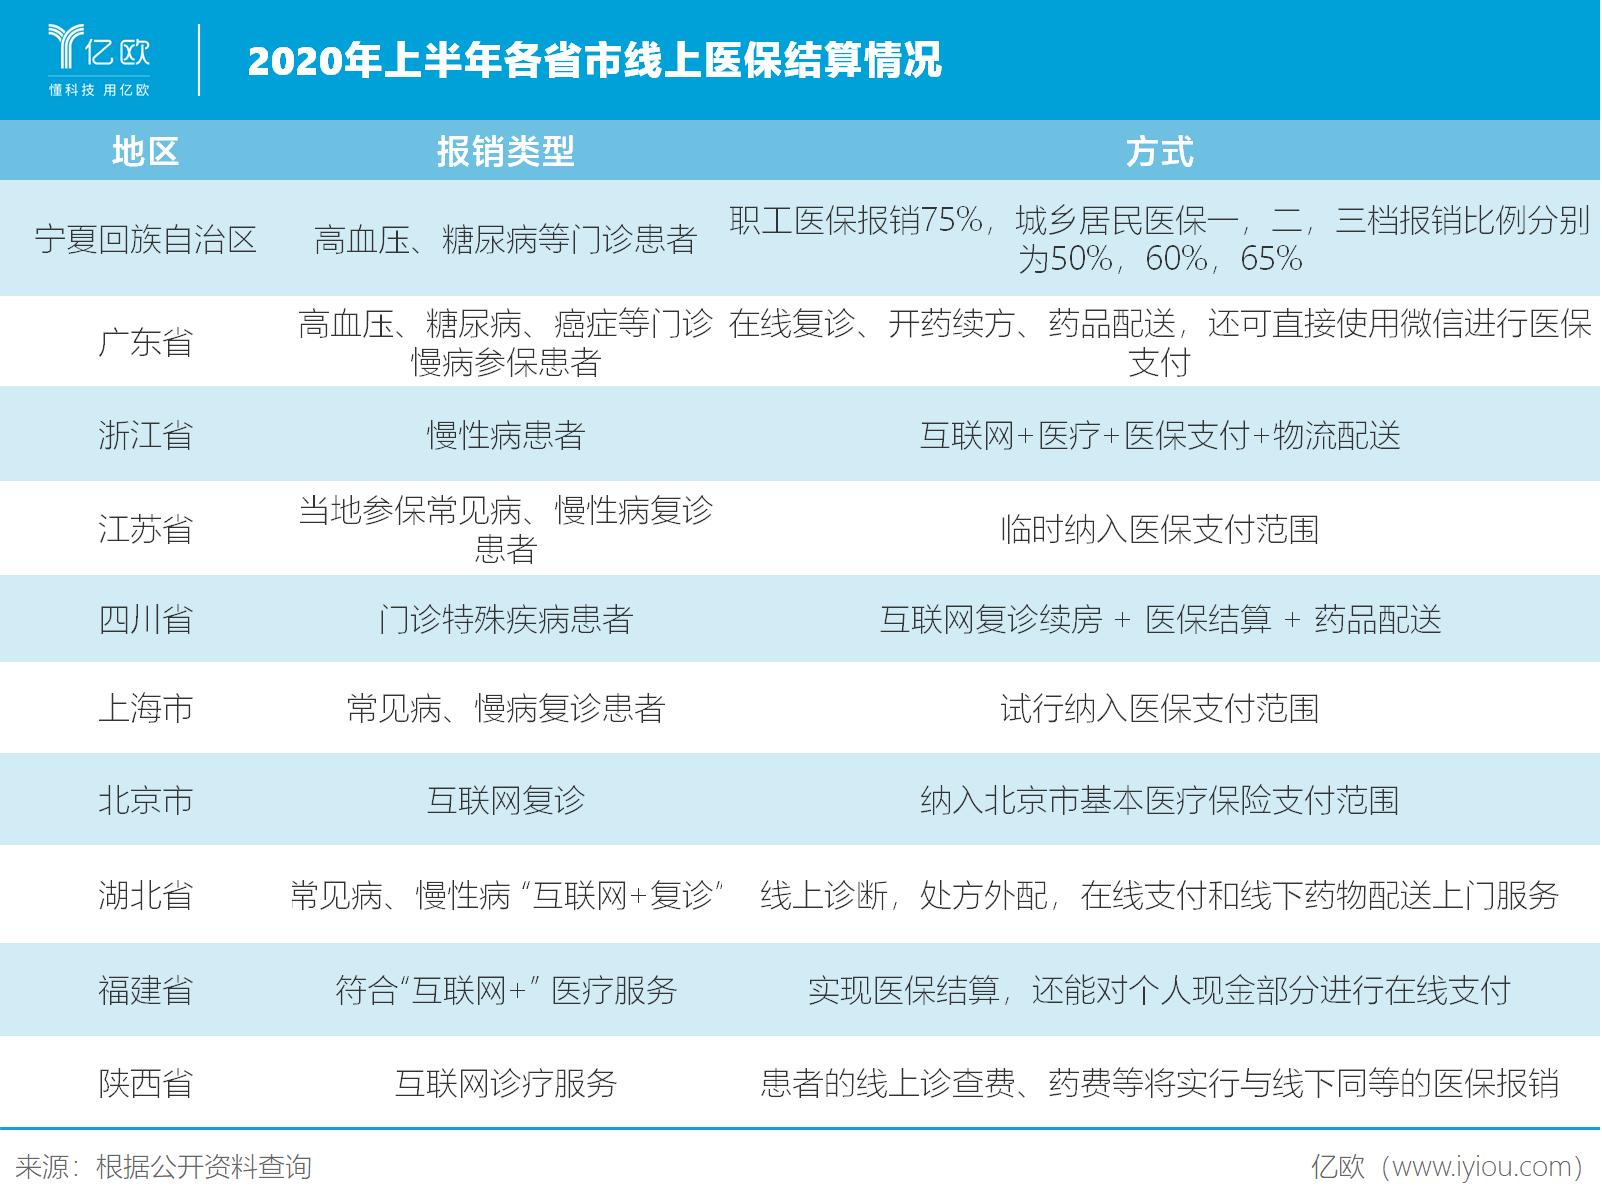 2020年上半年各省市线上医保结算情况